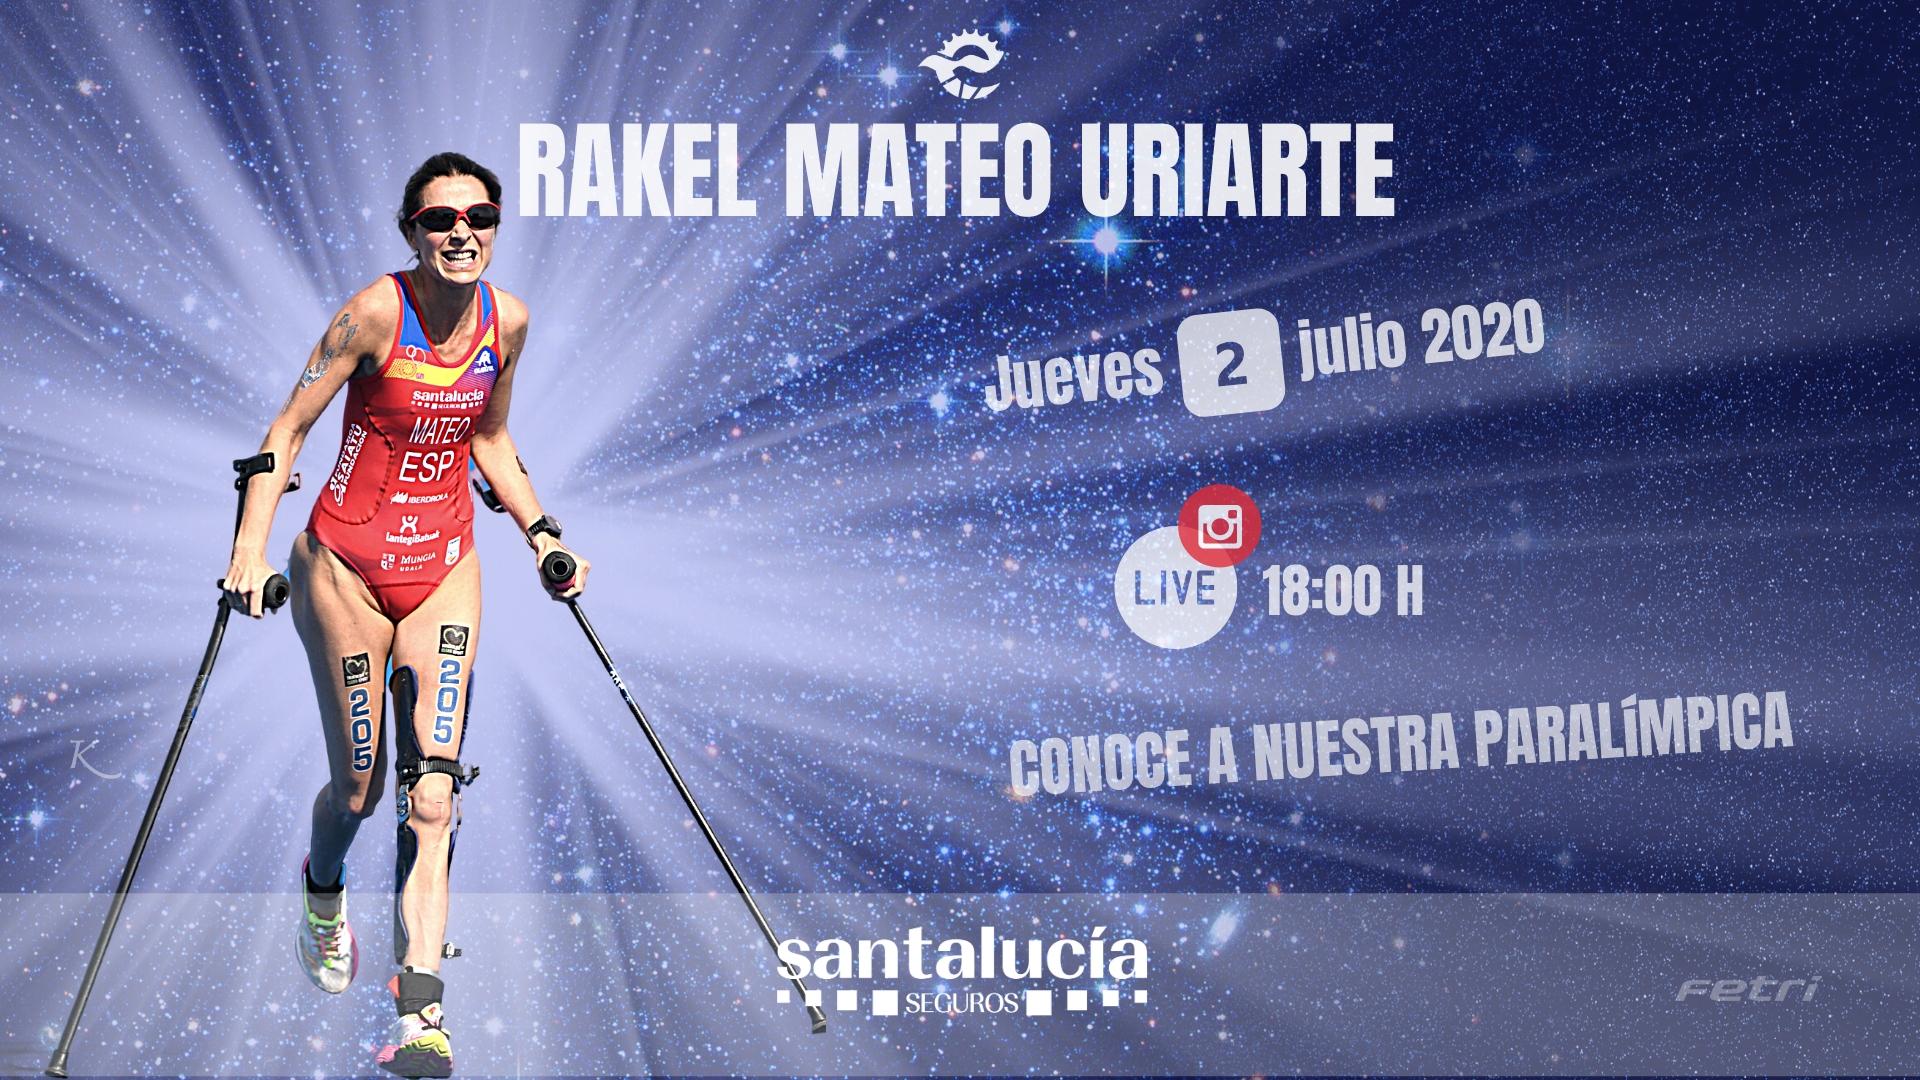 Rakel Mateo, integrante de la #ParaTriarmada, será la protagonista del XI Instagram Live de la FETRI